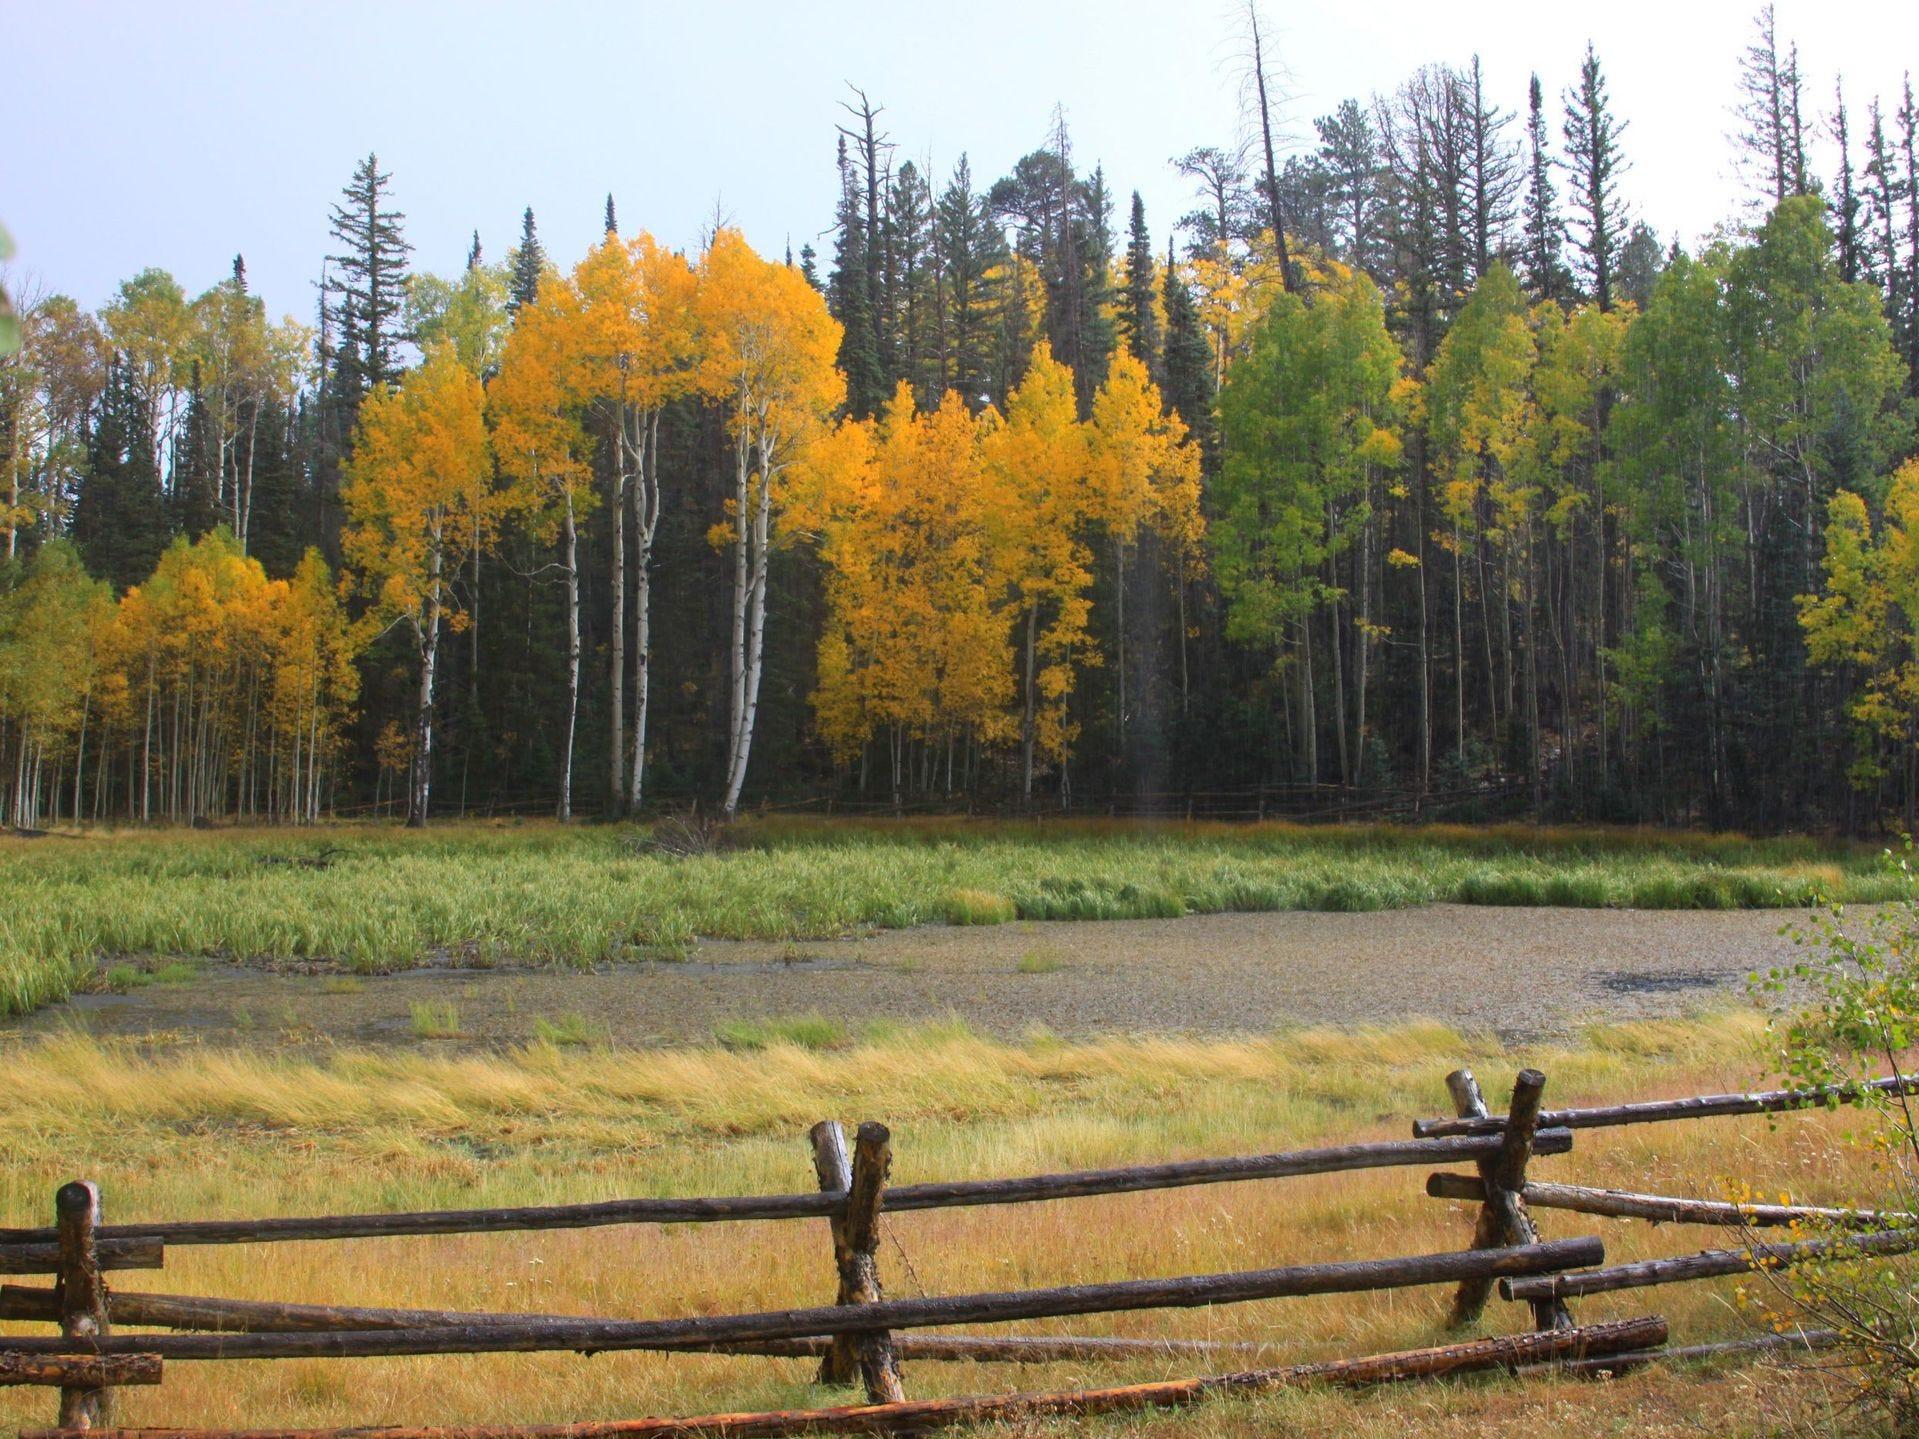 Distrito Norte Ranger Kaibab, Pleasant Valley, en el Bosque Nacional Kaibab.